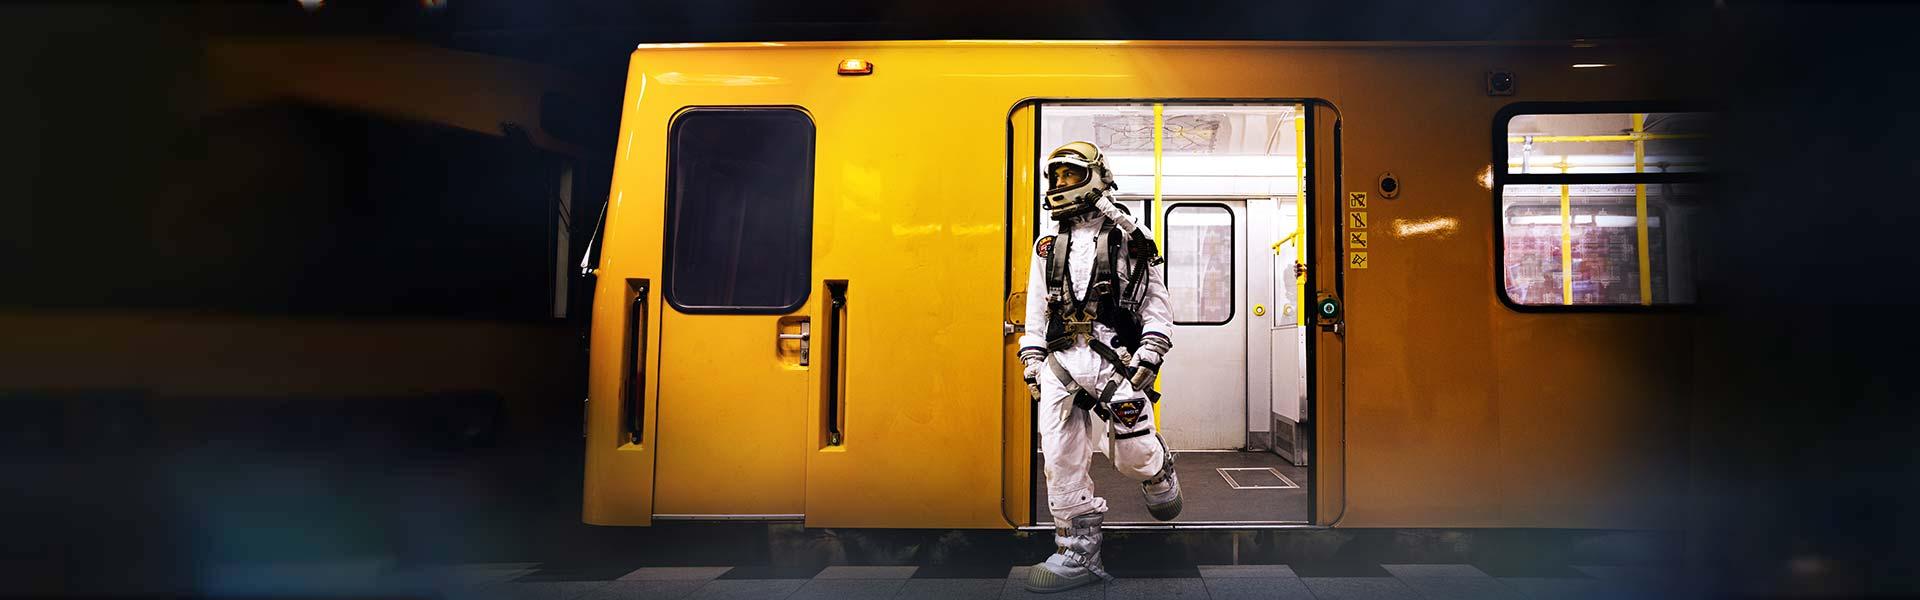 Astronaut steigt aus U-Bahn aus